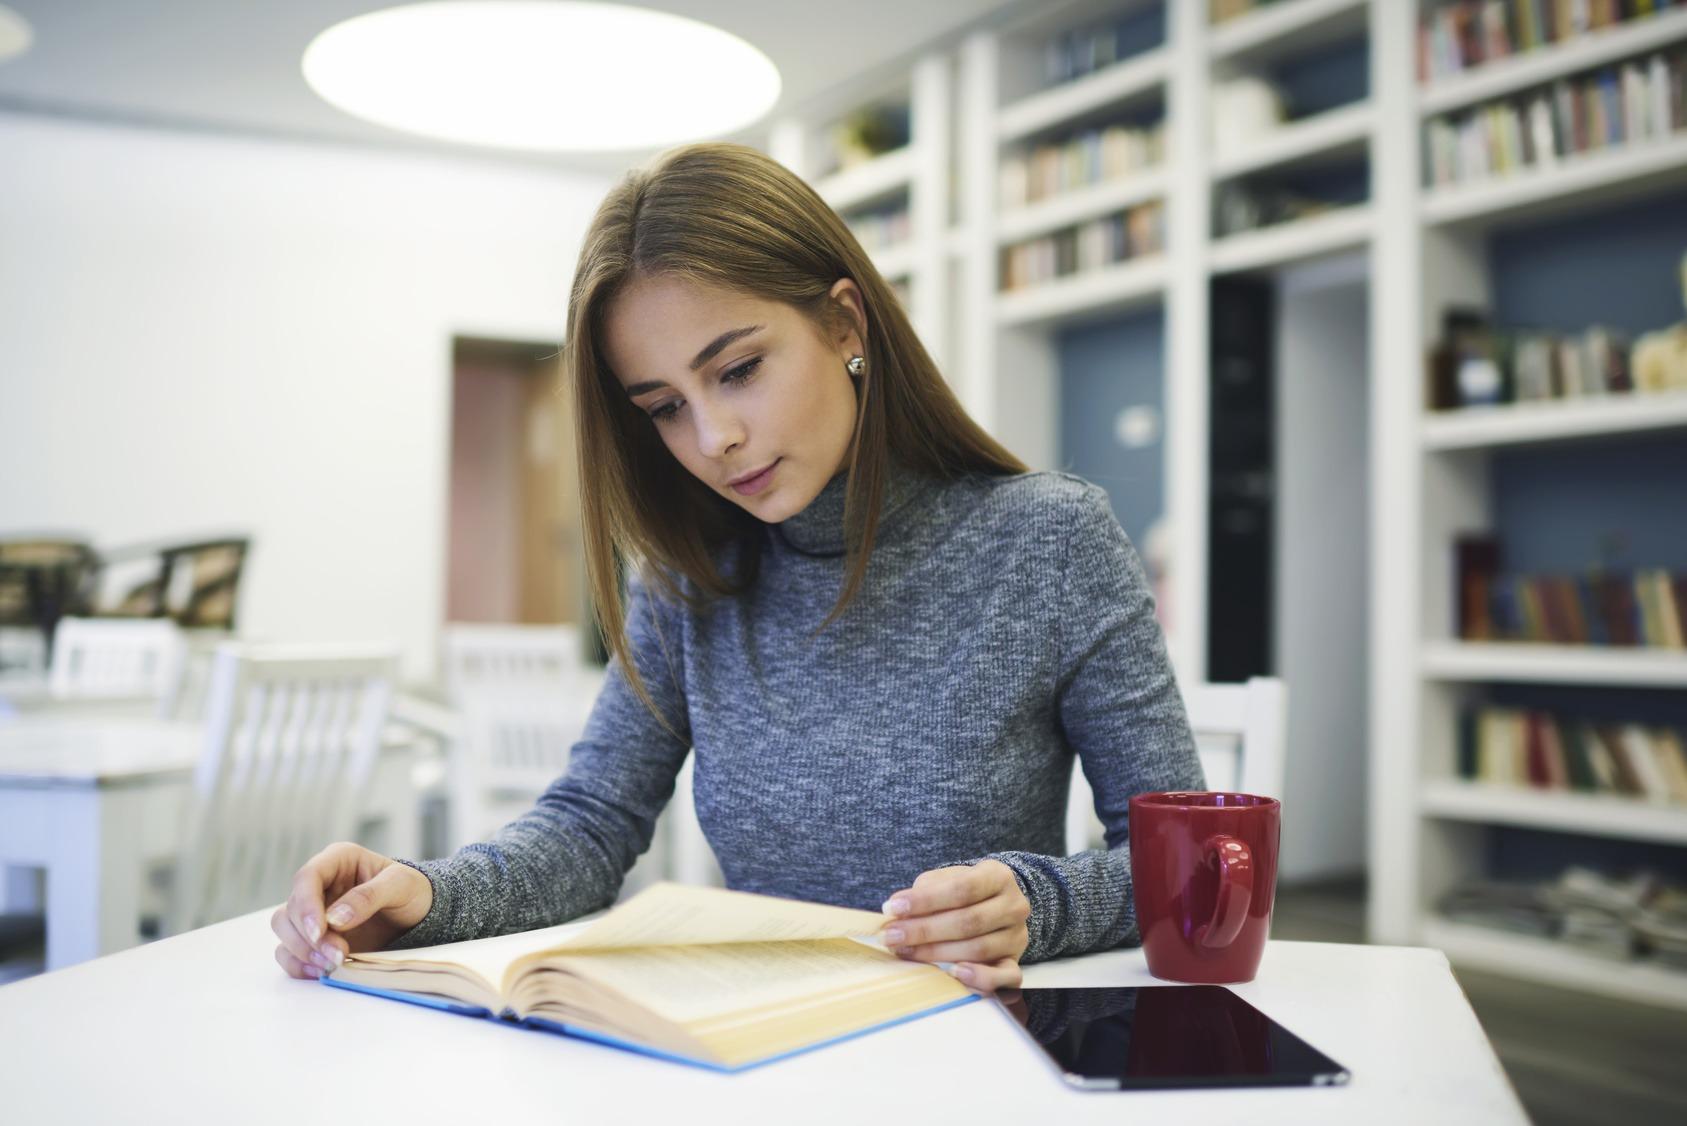 Junge Studentin lernt konzentriert in der Bibliothek.